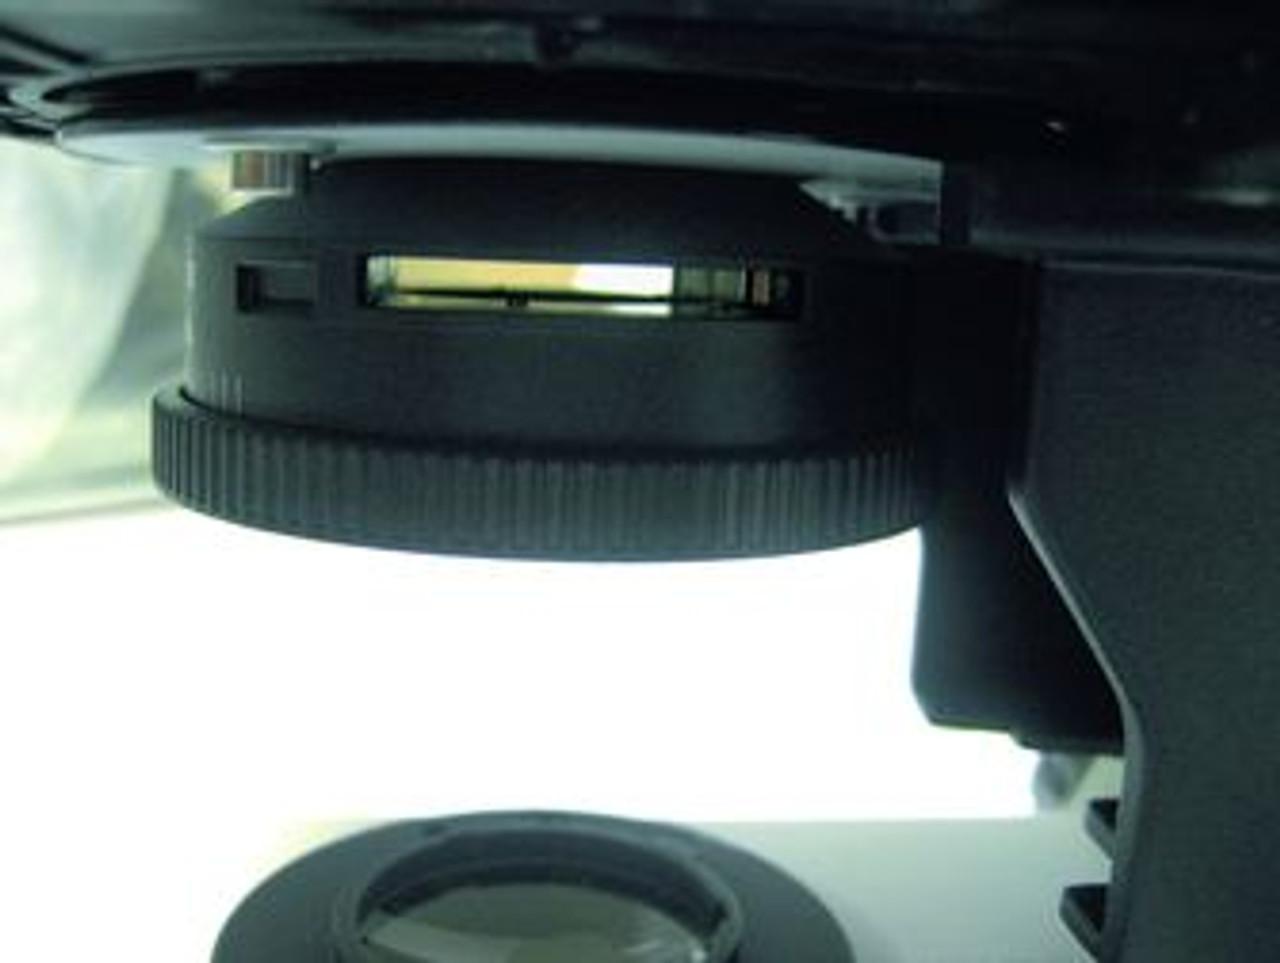 Leica DM750 Pre-focused condenser